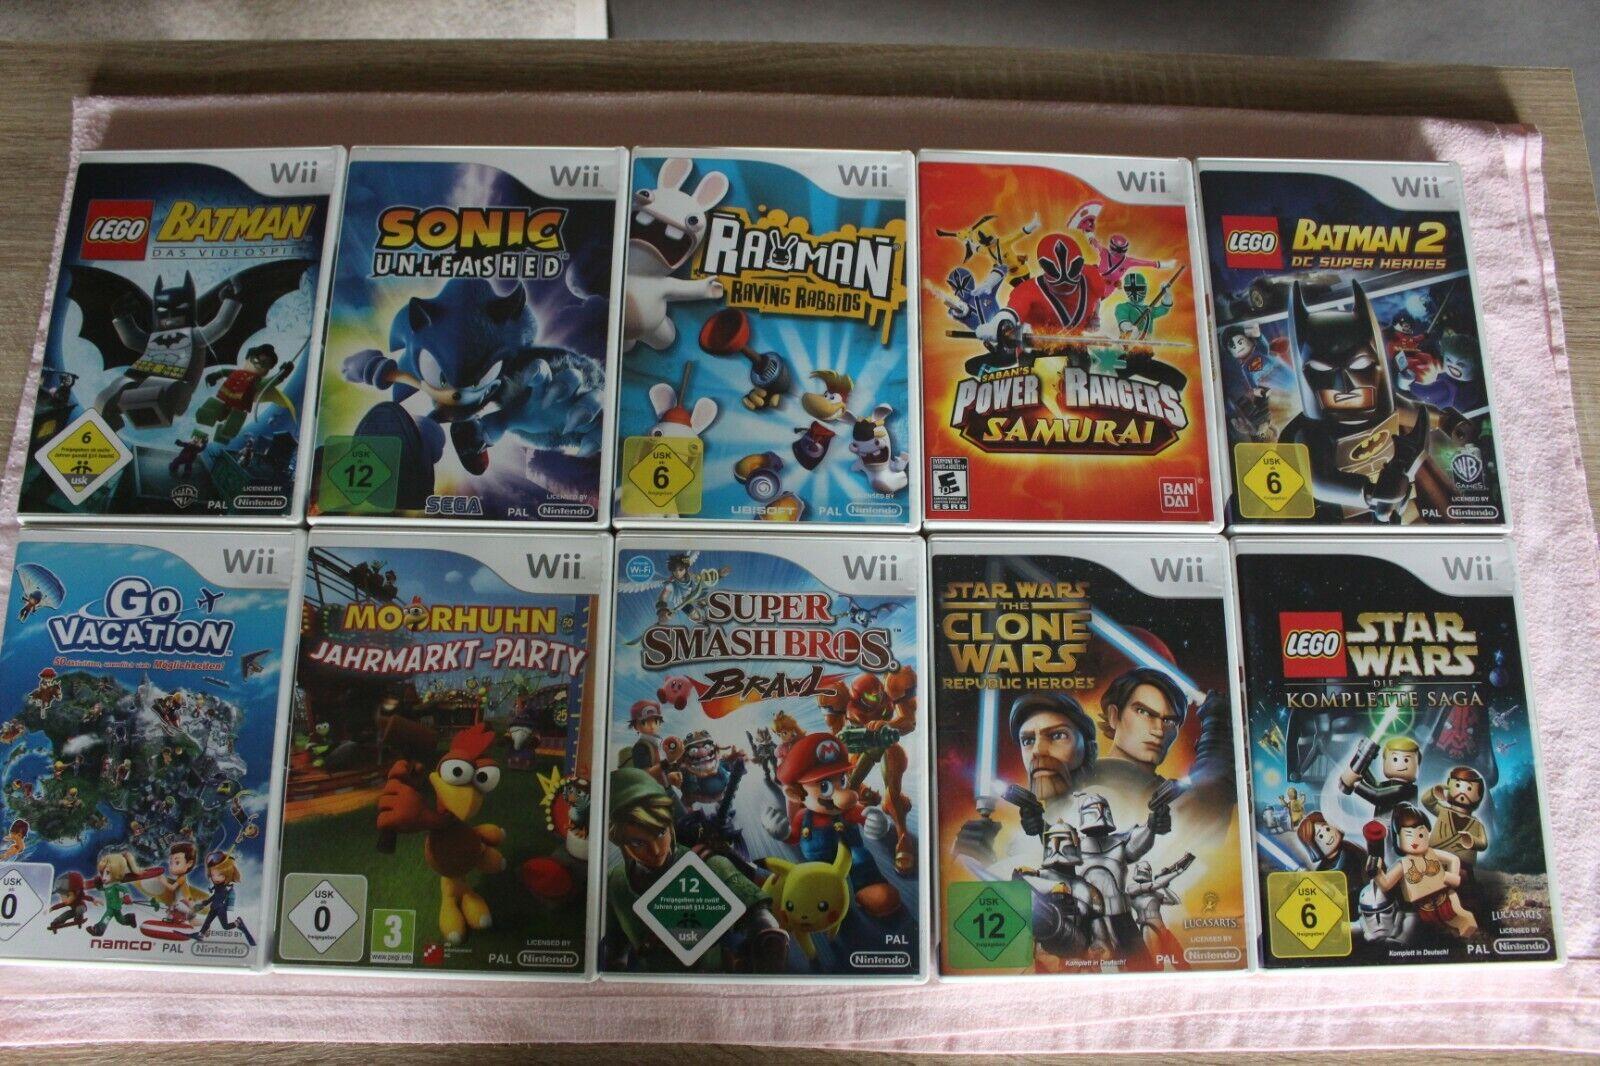 Nintendo Wii 10 Spiele und Wii Sports Zubehörpaket für Go Vacation